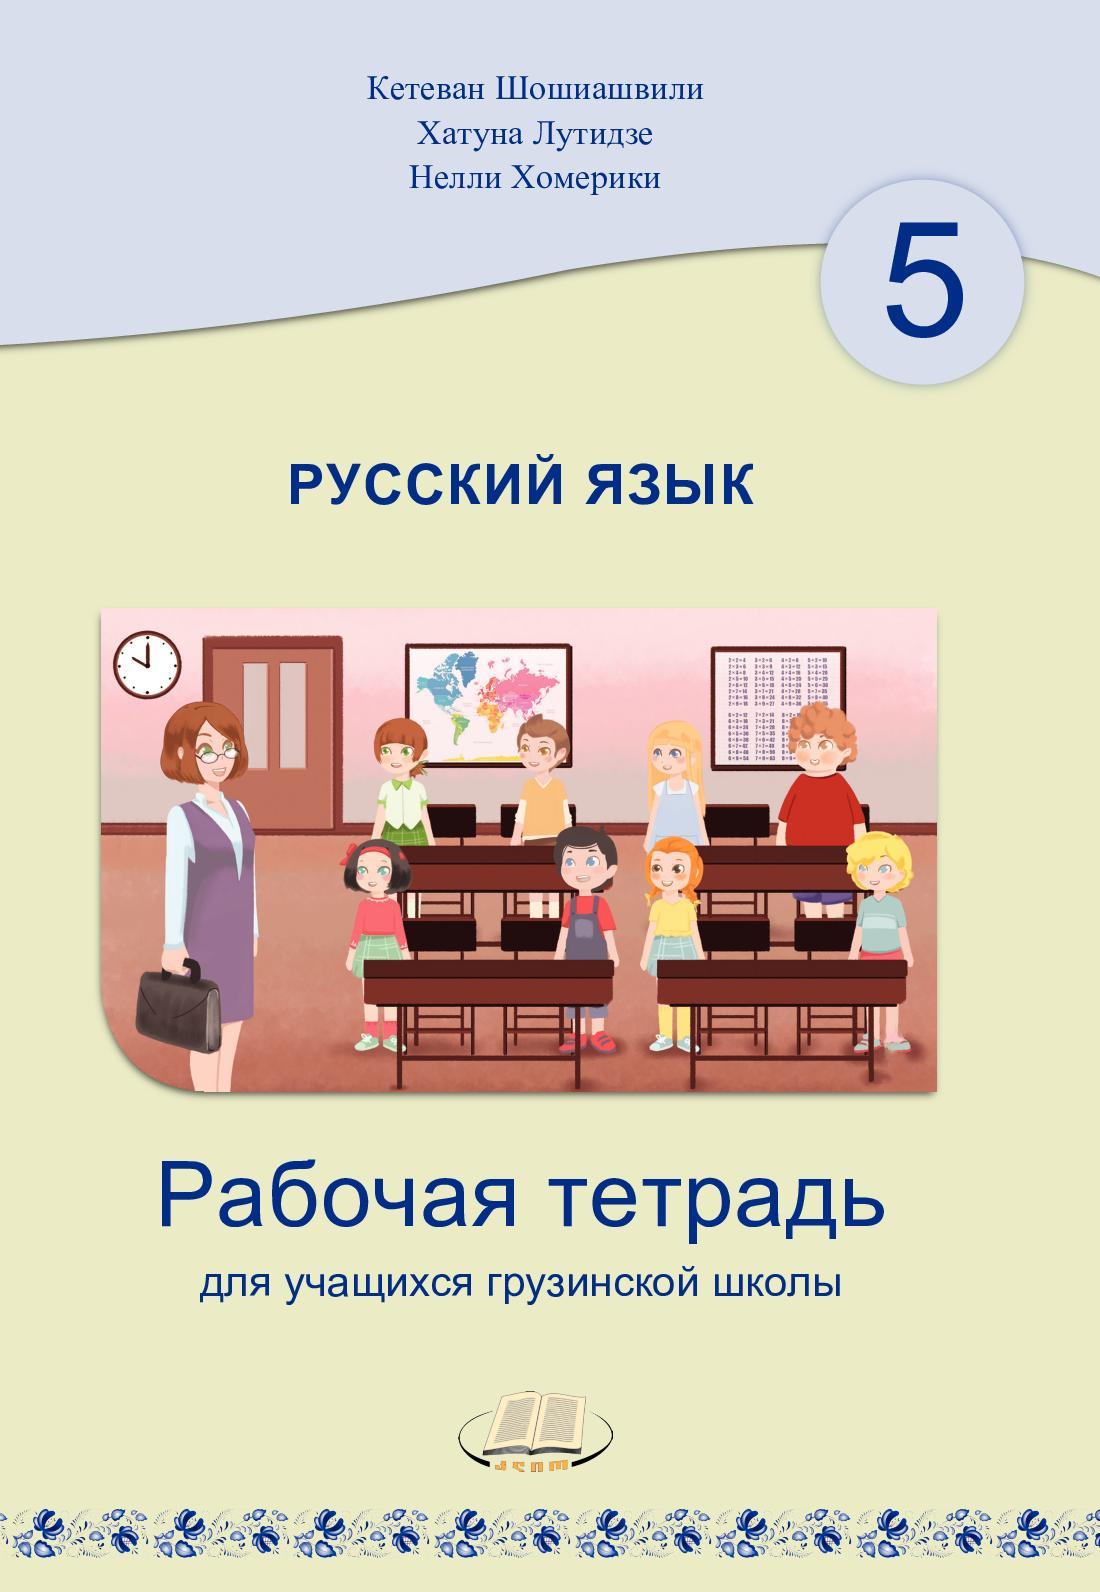 5 რუსული რვეული_1